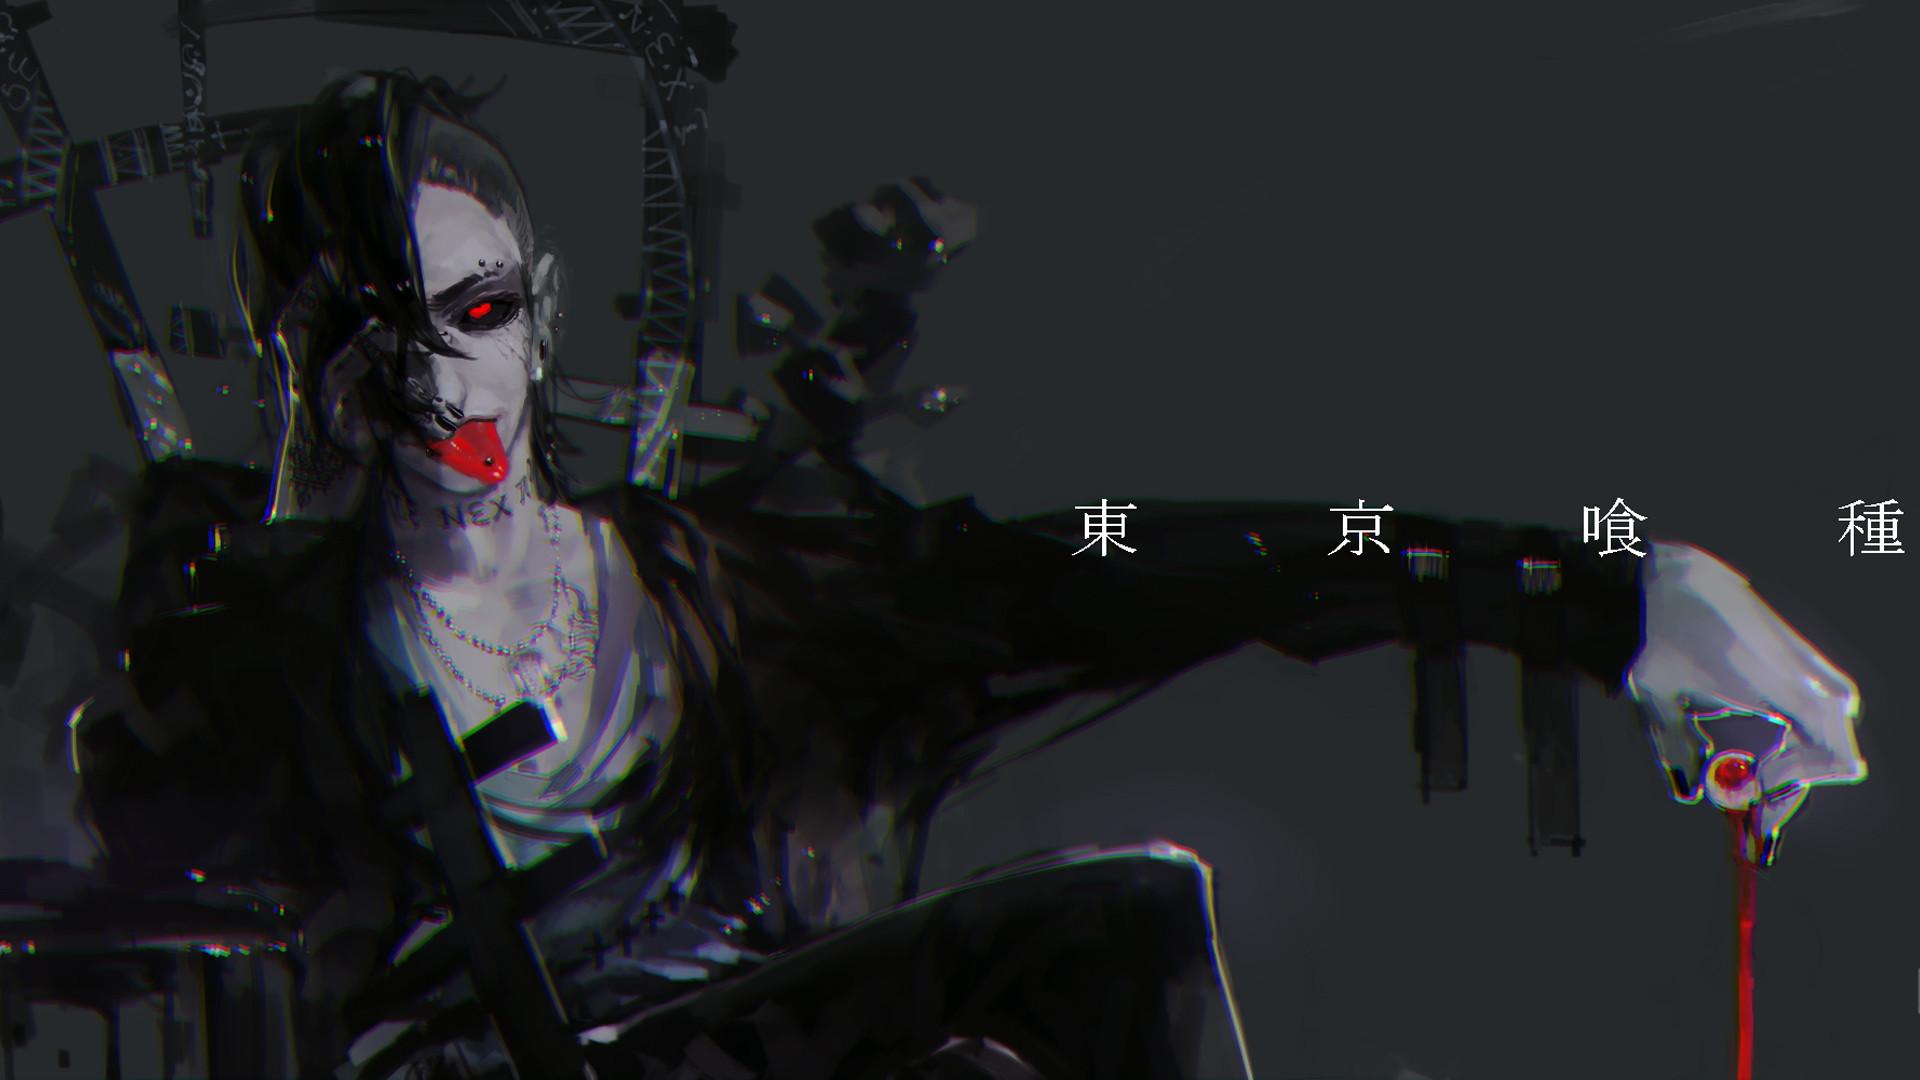 1920x1080 Uta Tokyo Ghoul Wallpaper